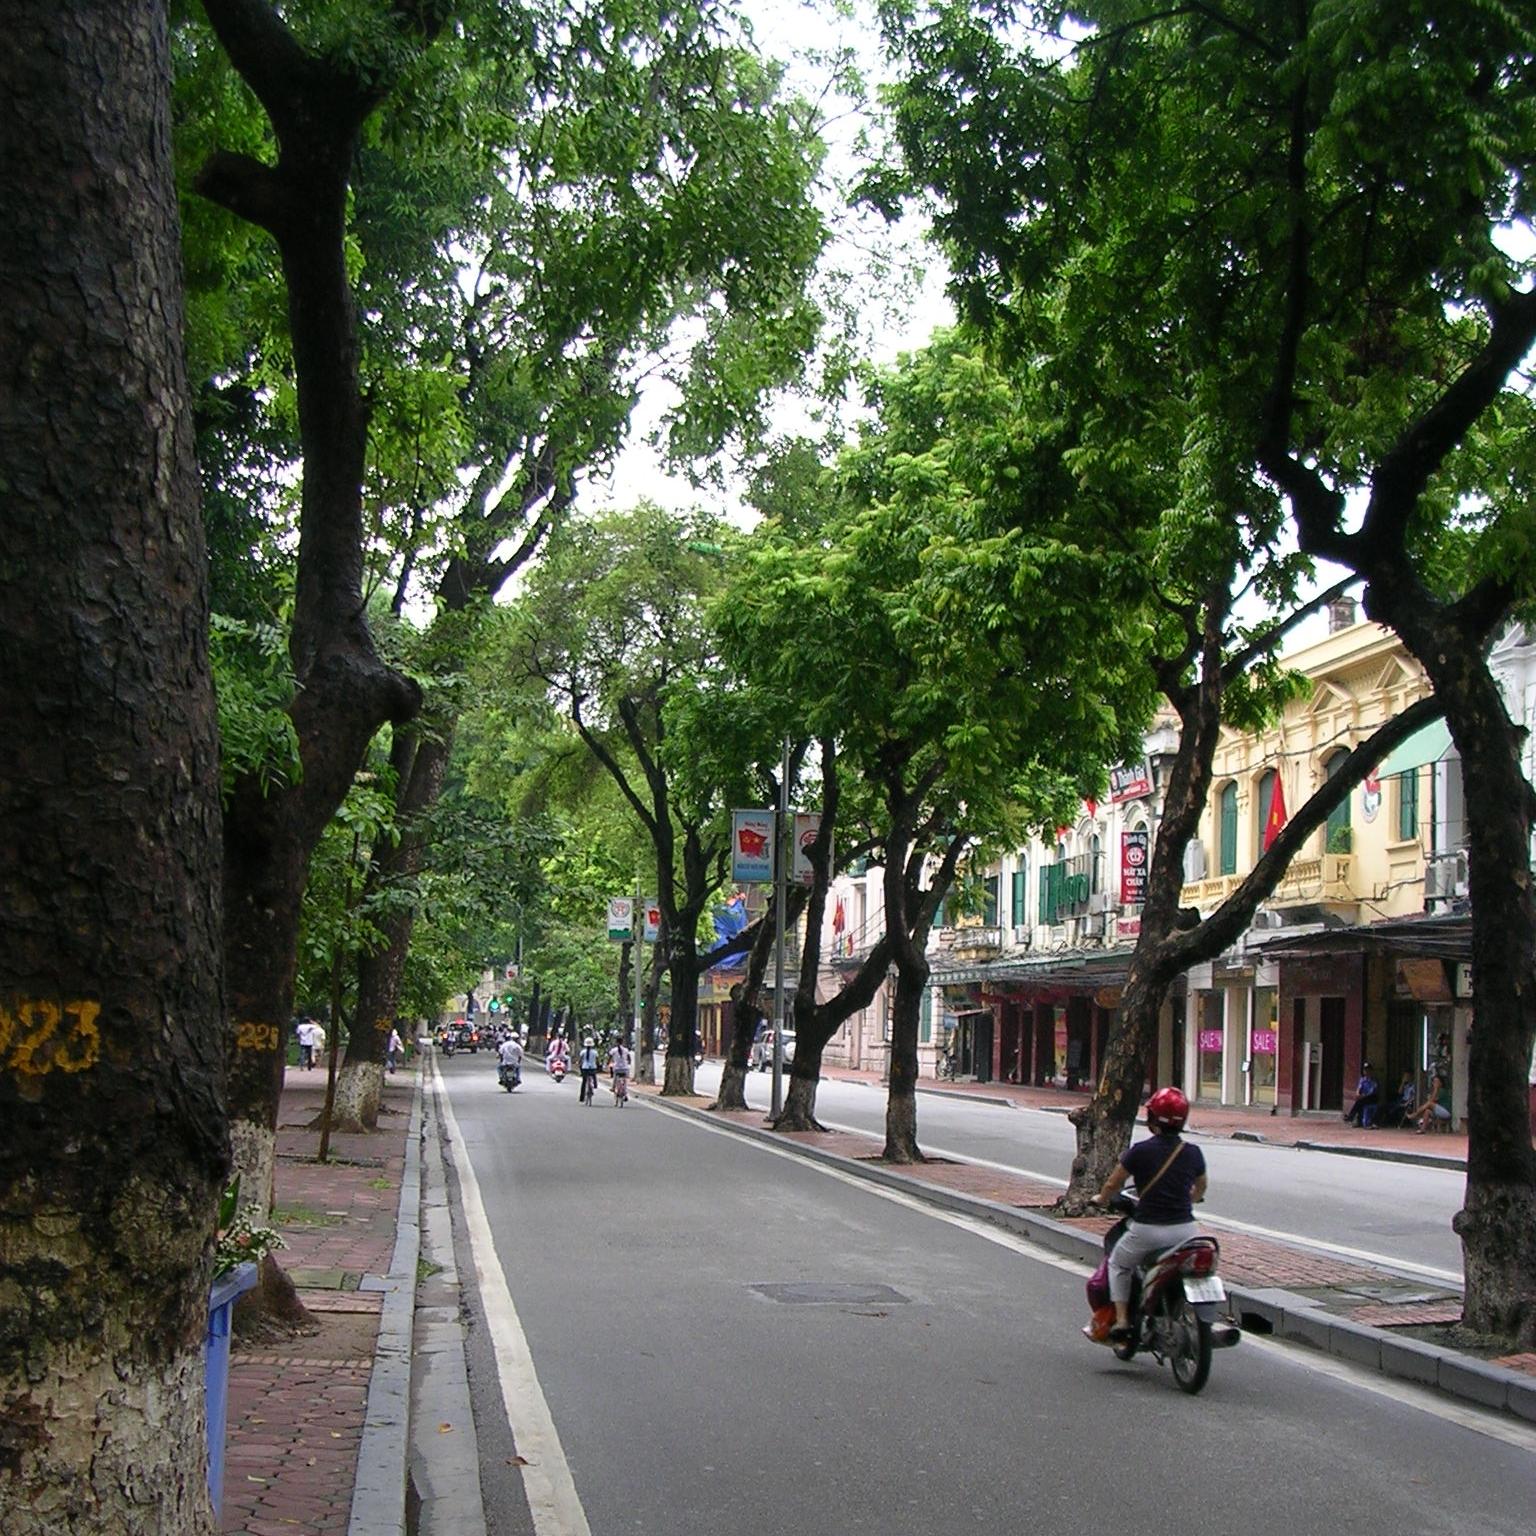 Nha Tho area, Hanoi by The Doubtful Traveller